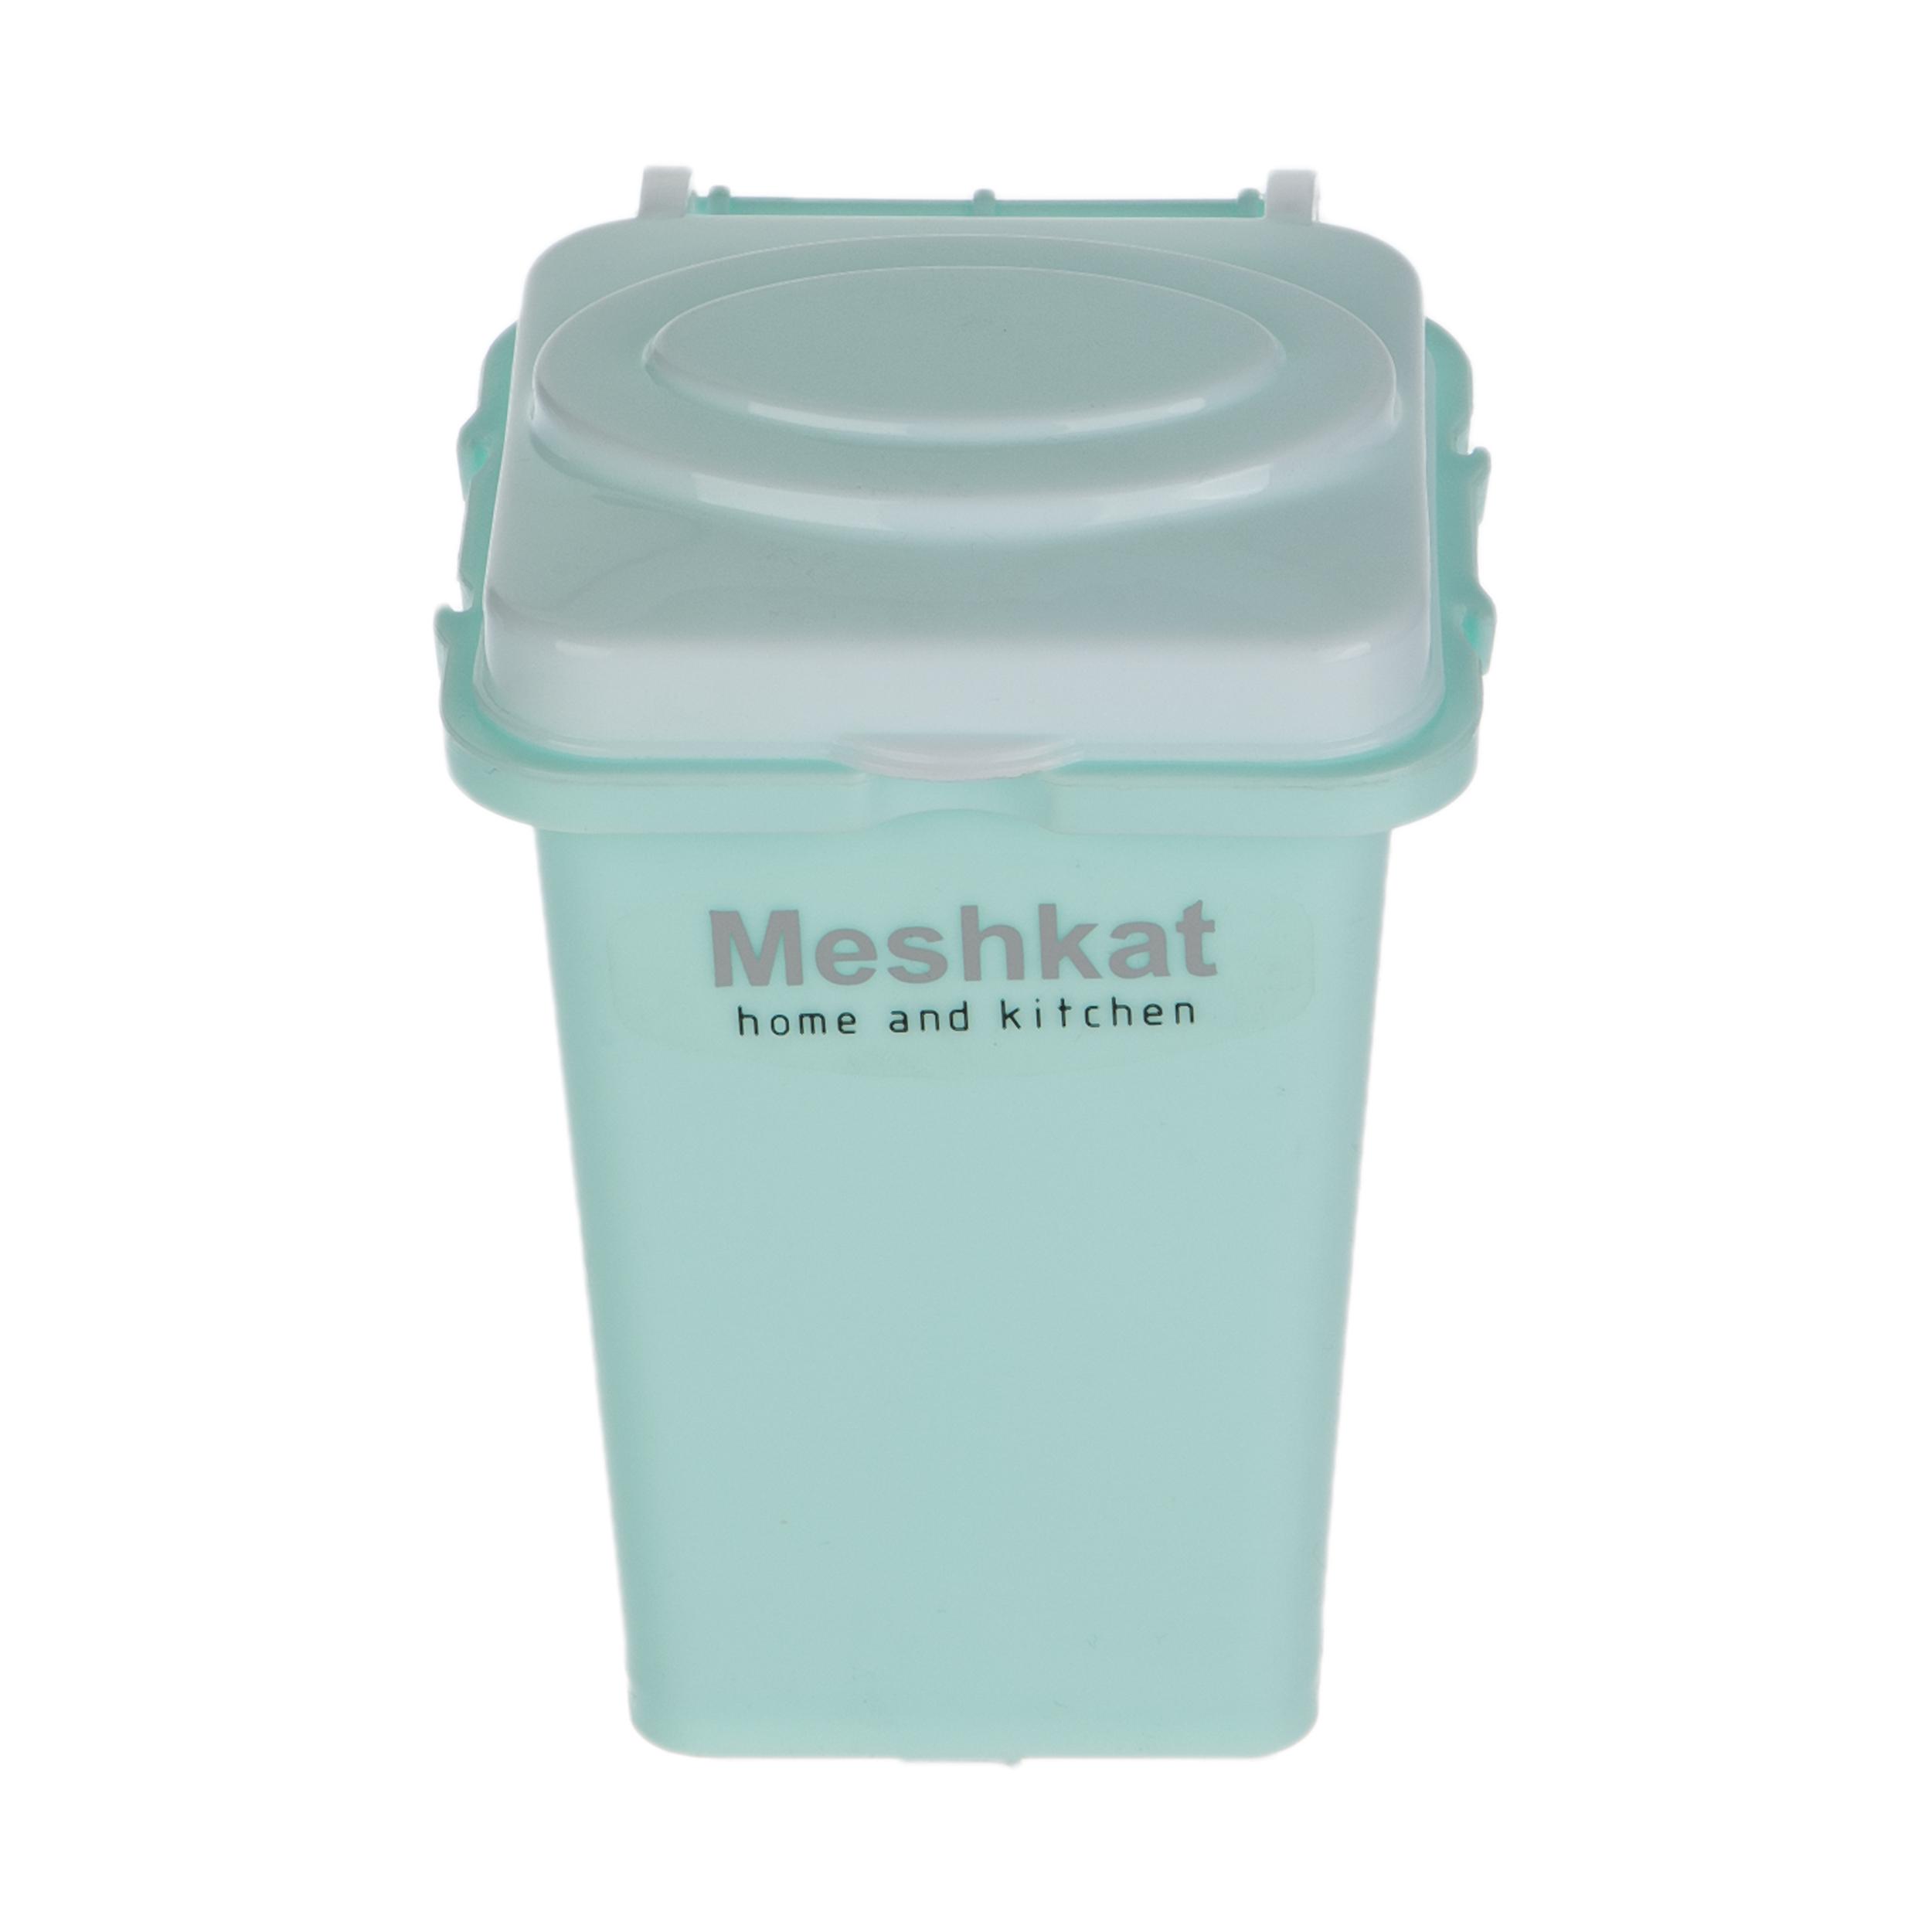 سطل زباله مشکات کد 11000-2